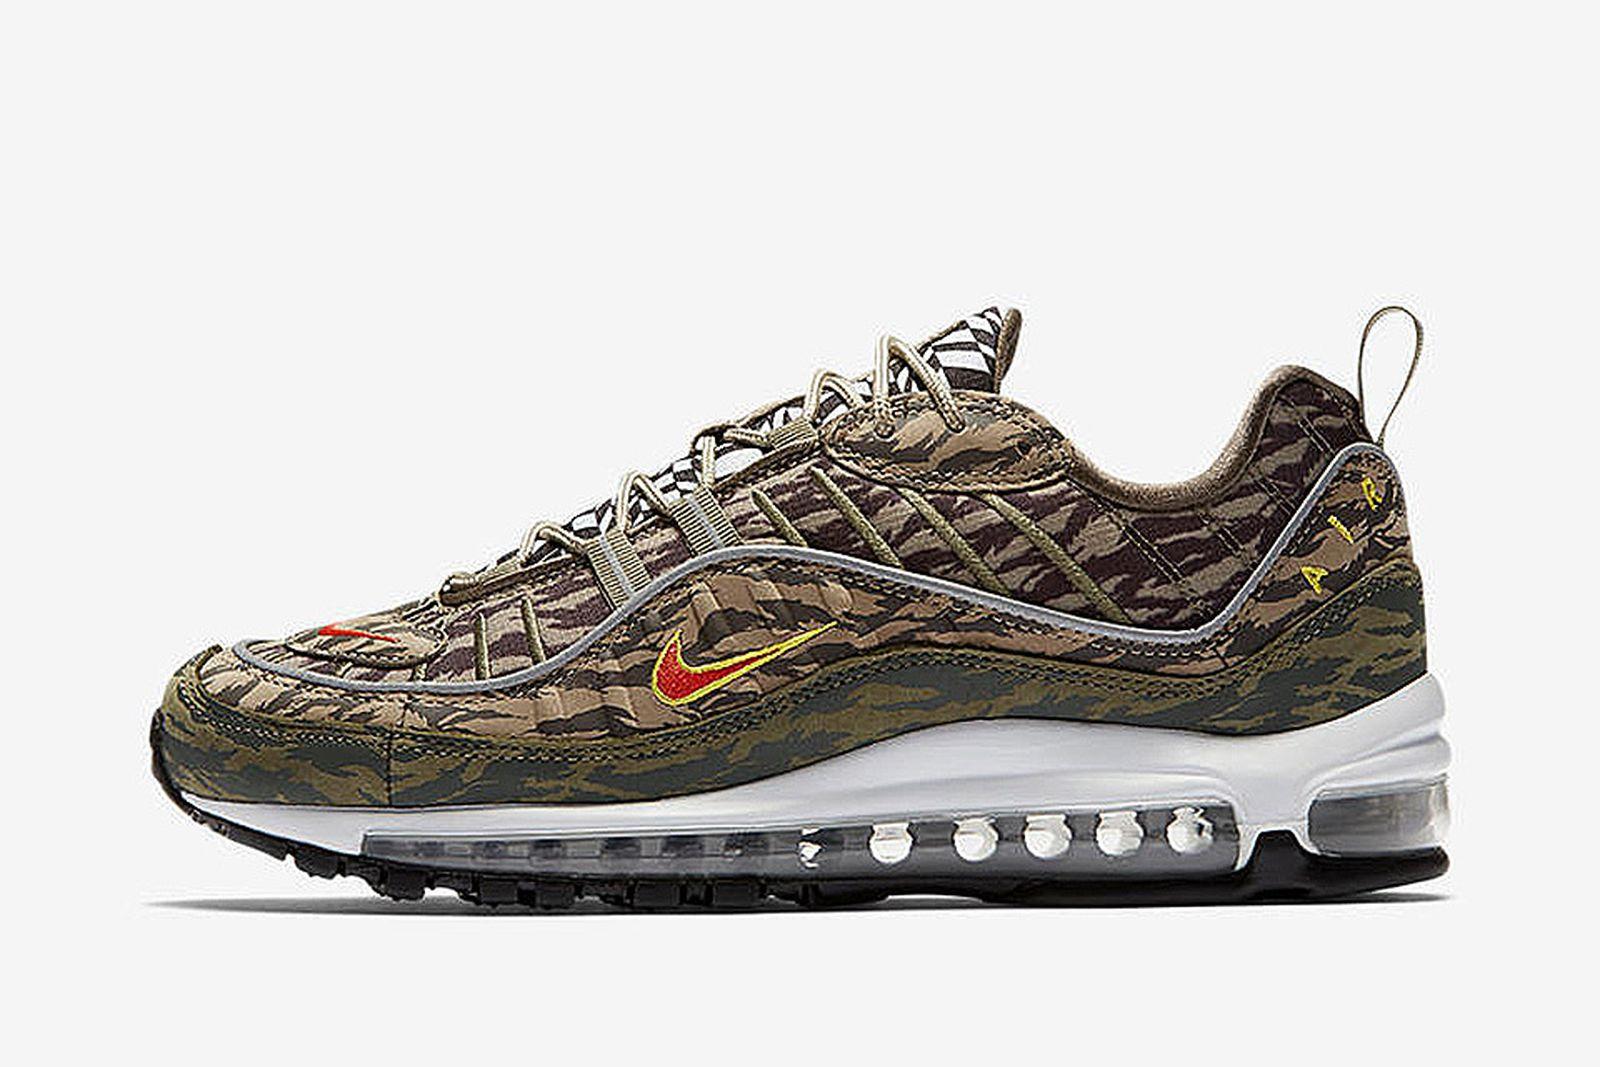 Aumentar Reclamación Respeto a ti mismo  Nike Air Max 98 Tiger Camo: Release Date, Price & More Info